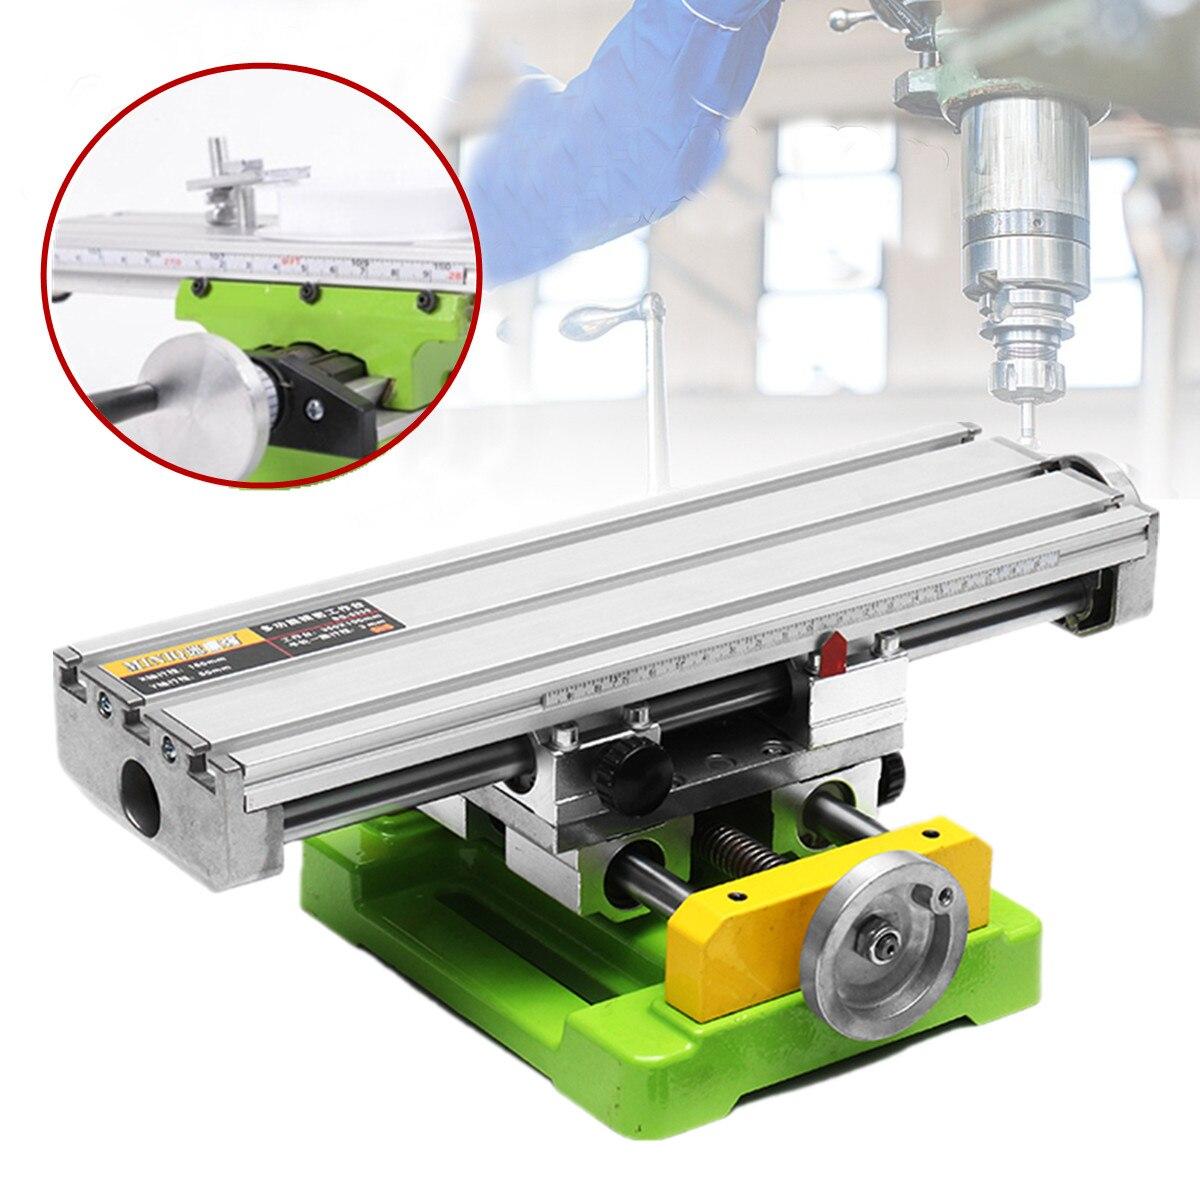 Новый миниатюрный прецизионный многоцелевой фрезерный станок скамья дрель винтовые тиски Рабочий стол X Y регулирование оси Таблица коорди